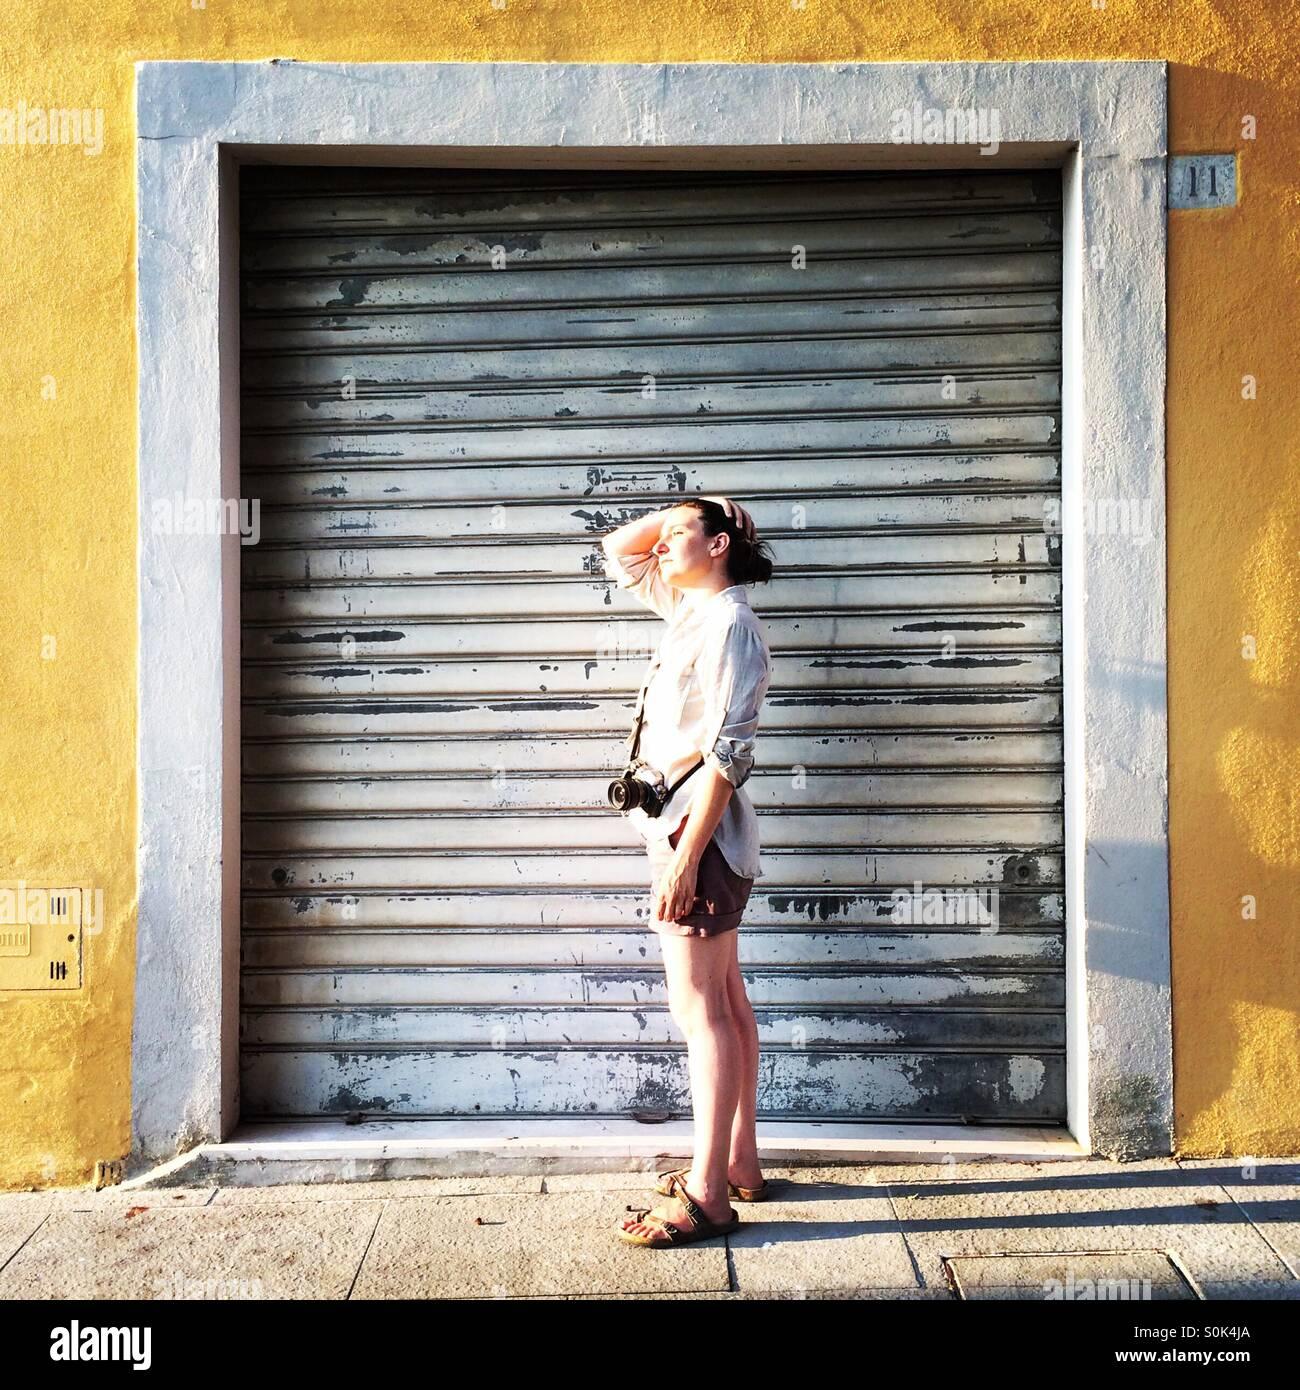 Una mujer fotógrafo con su cámara en Arezzo, Toscana, enmarcada por una puerta con cierre. Imagen De Stock